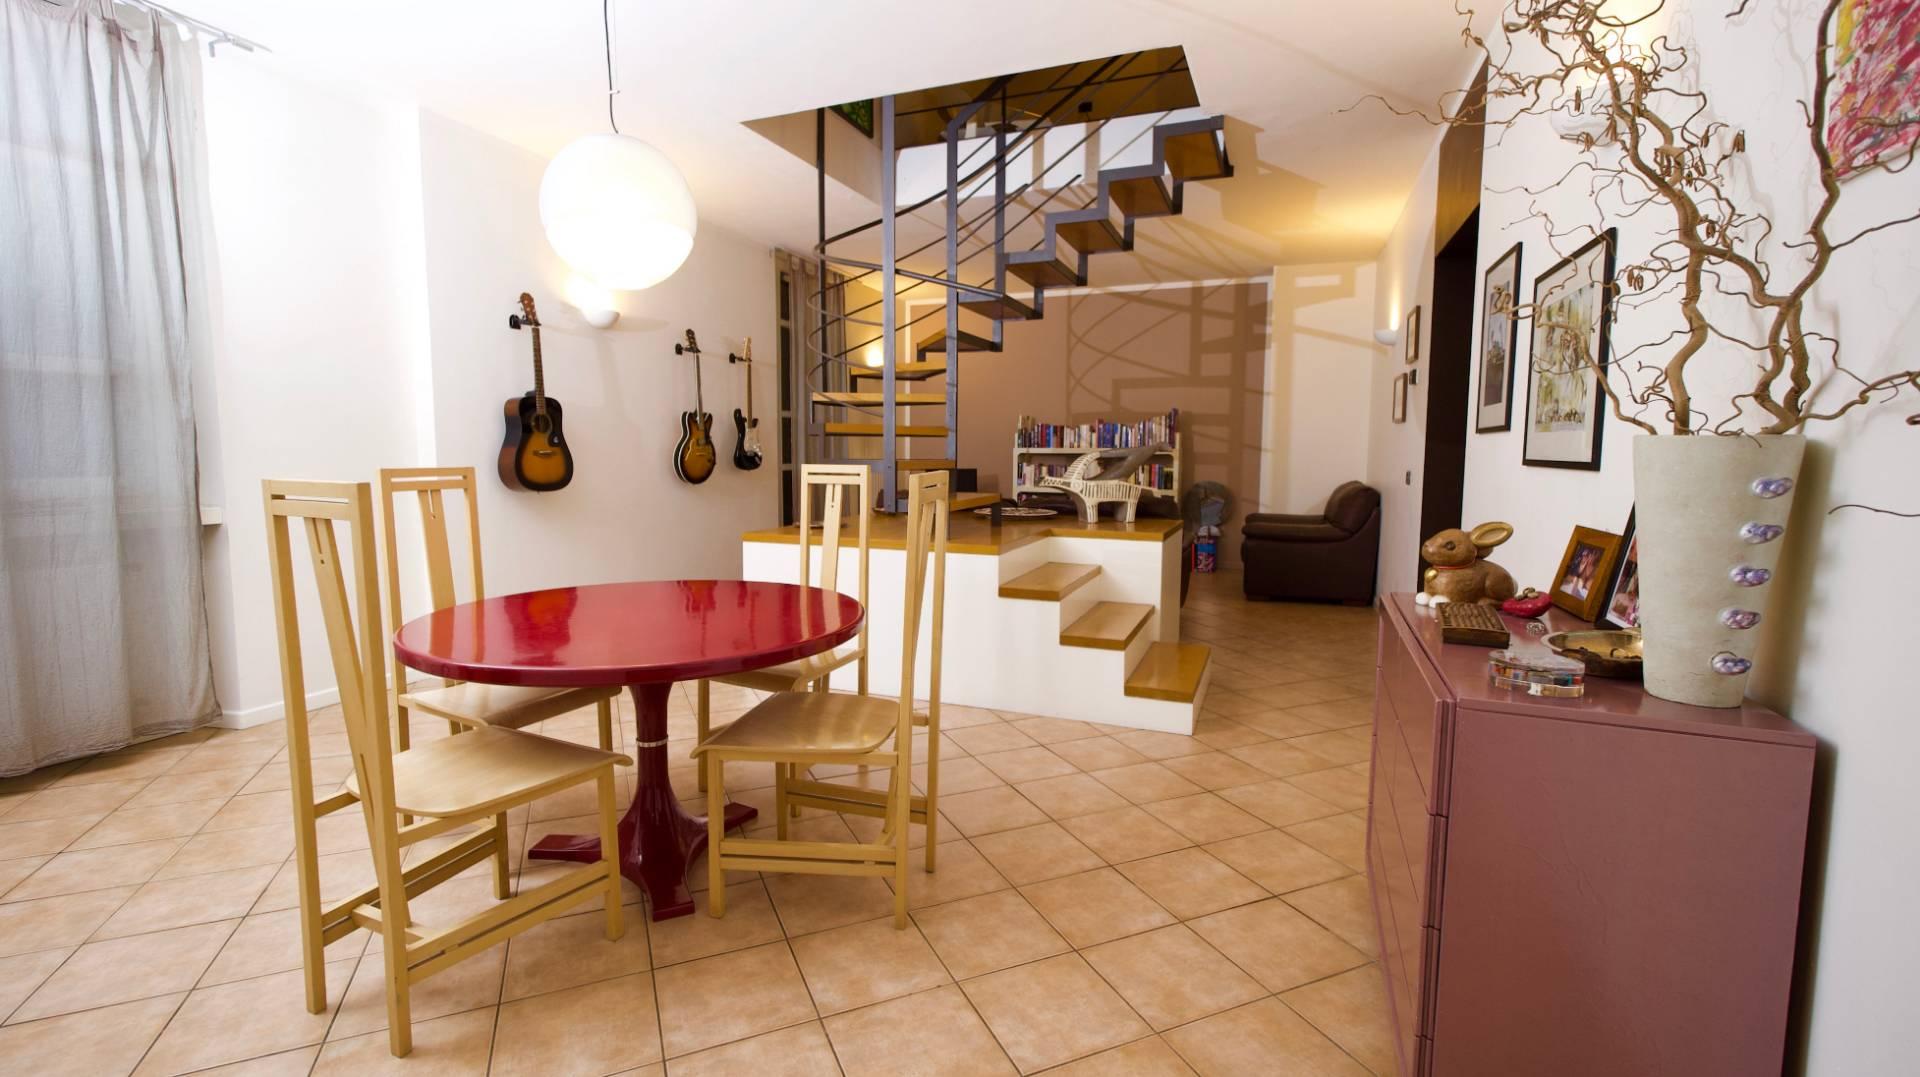 Appartamento in Vendita a Como Centro: 4 locali, 166 mq